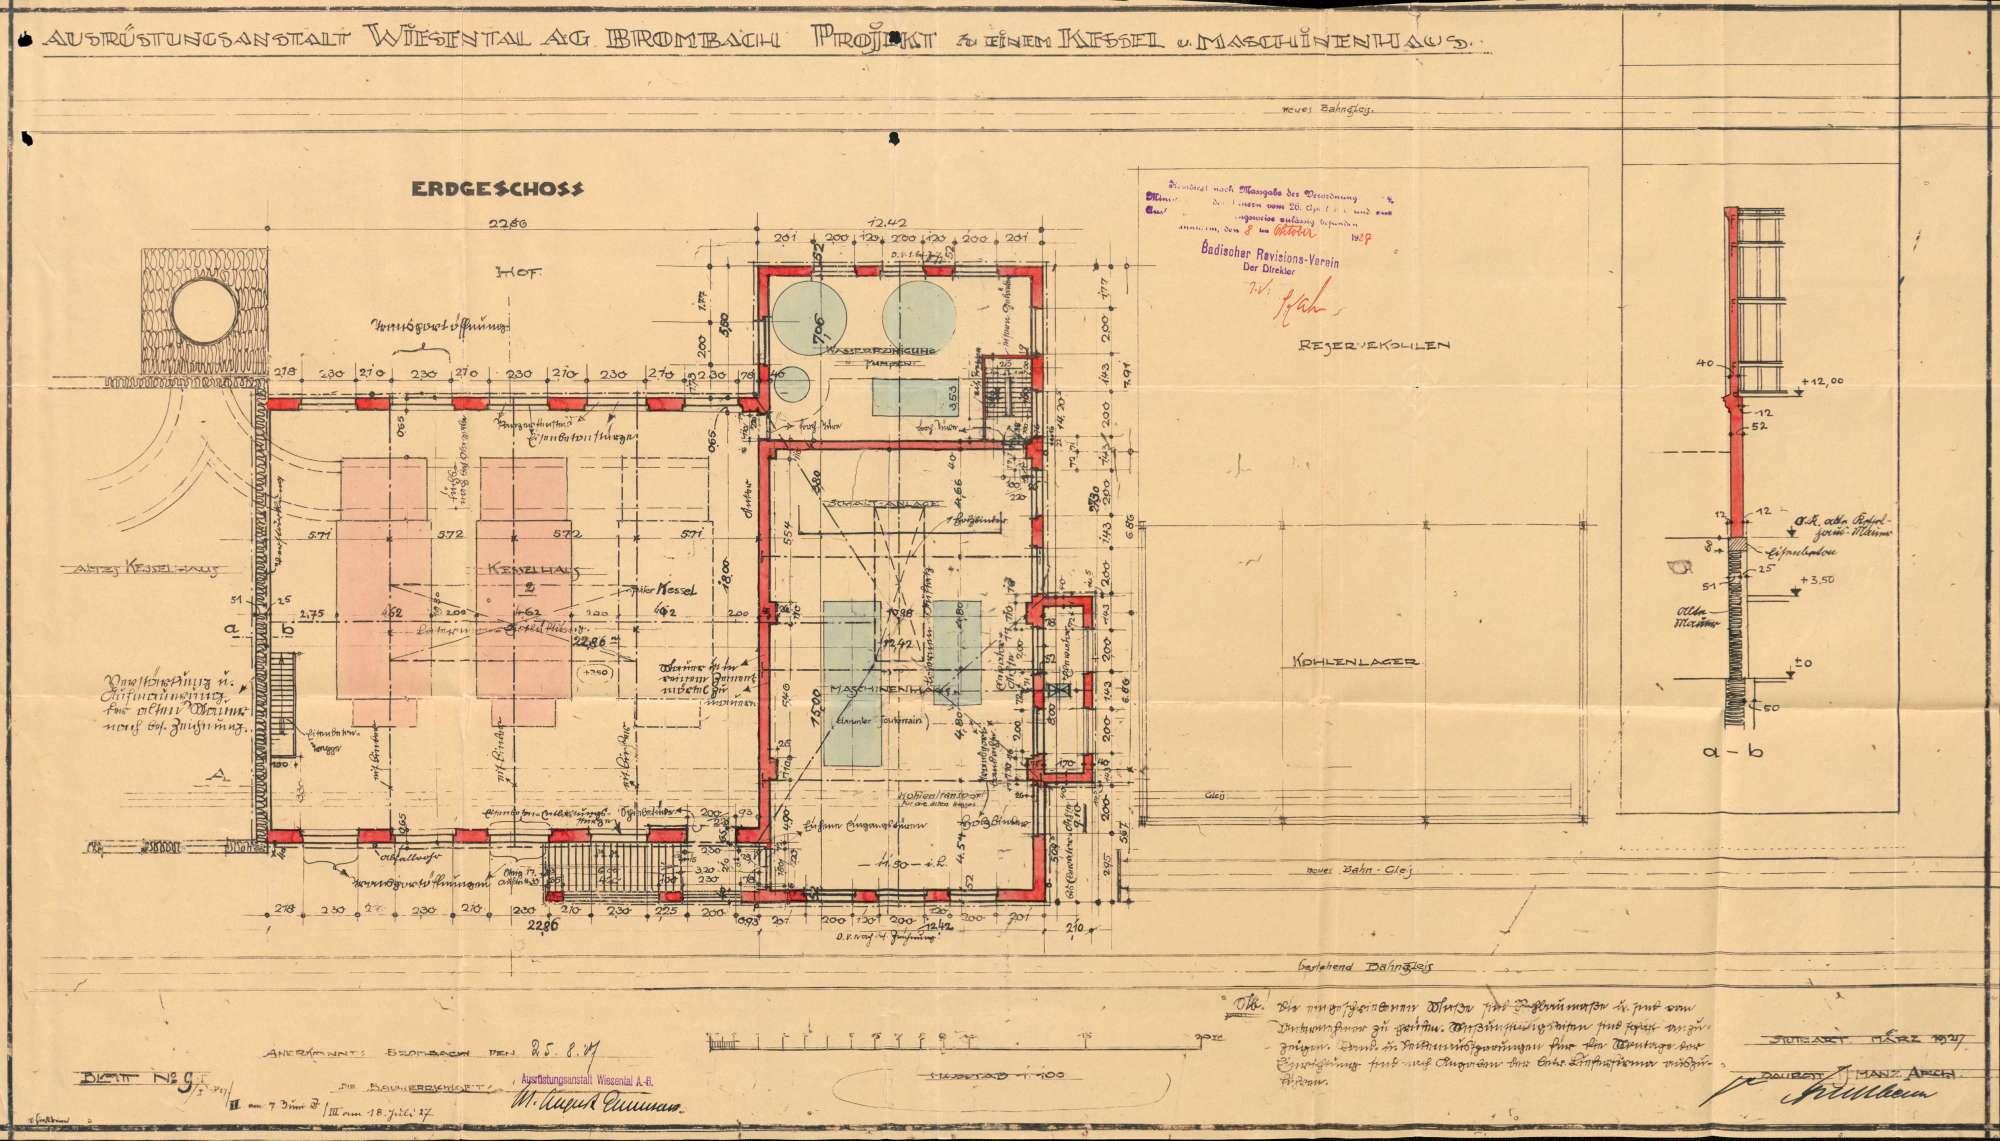 Gesuch der Fa. Ausrüstungsanstalt Wiesental AG in Brombach um Erlaubnis zur Anlegung eines Dampfkessels, Bild 3